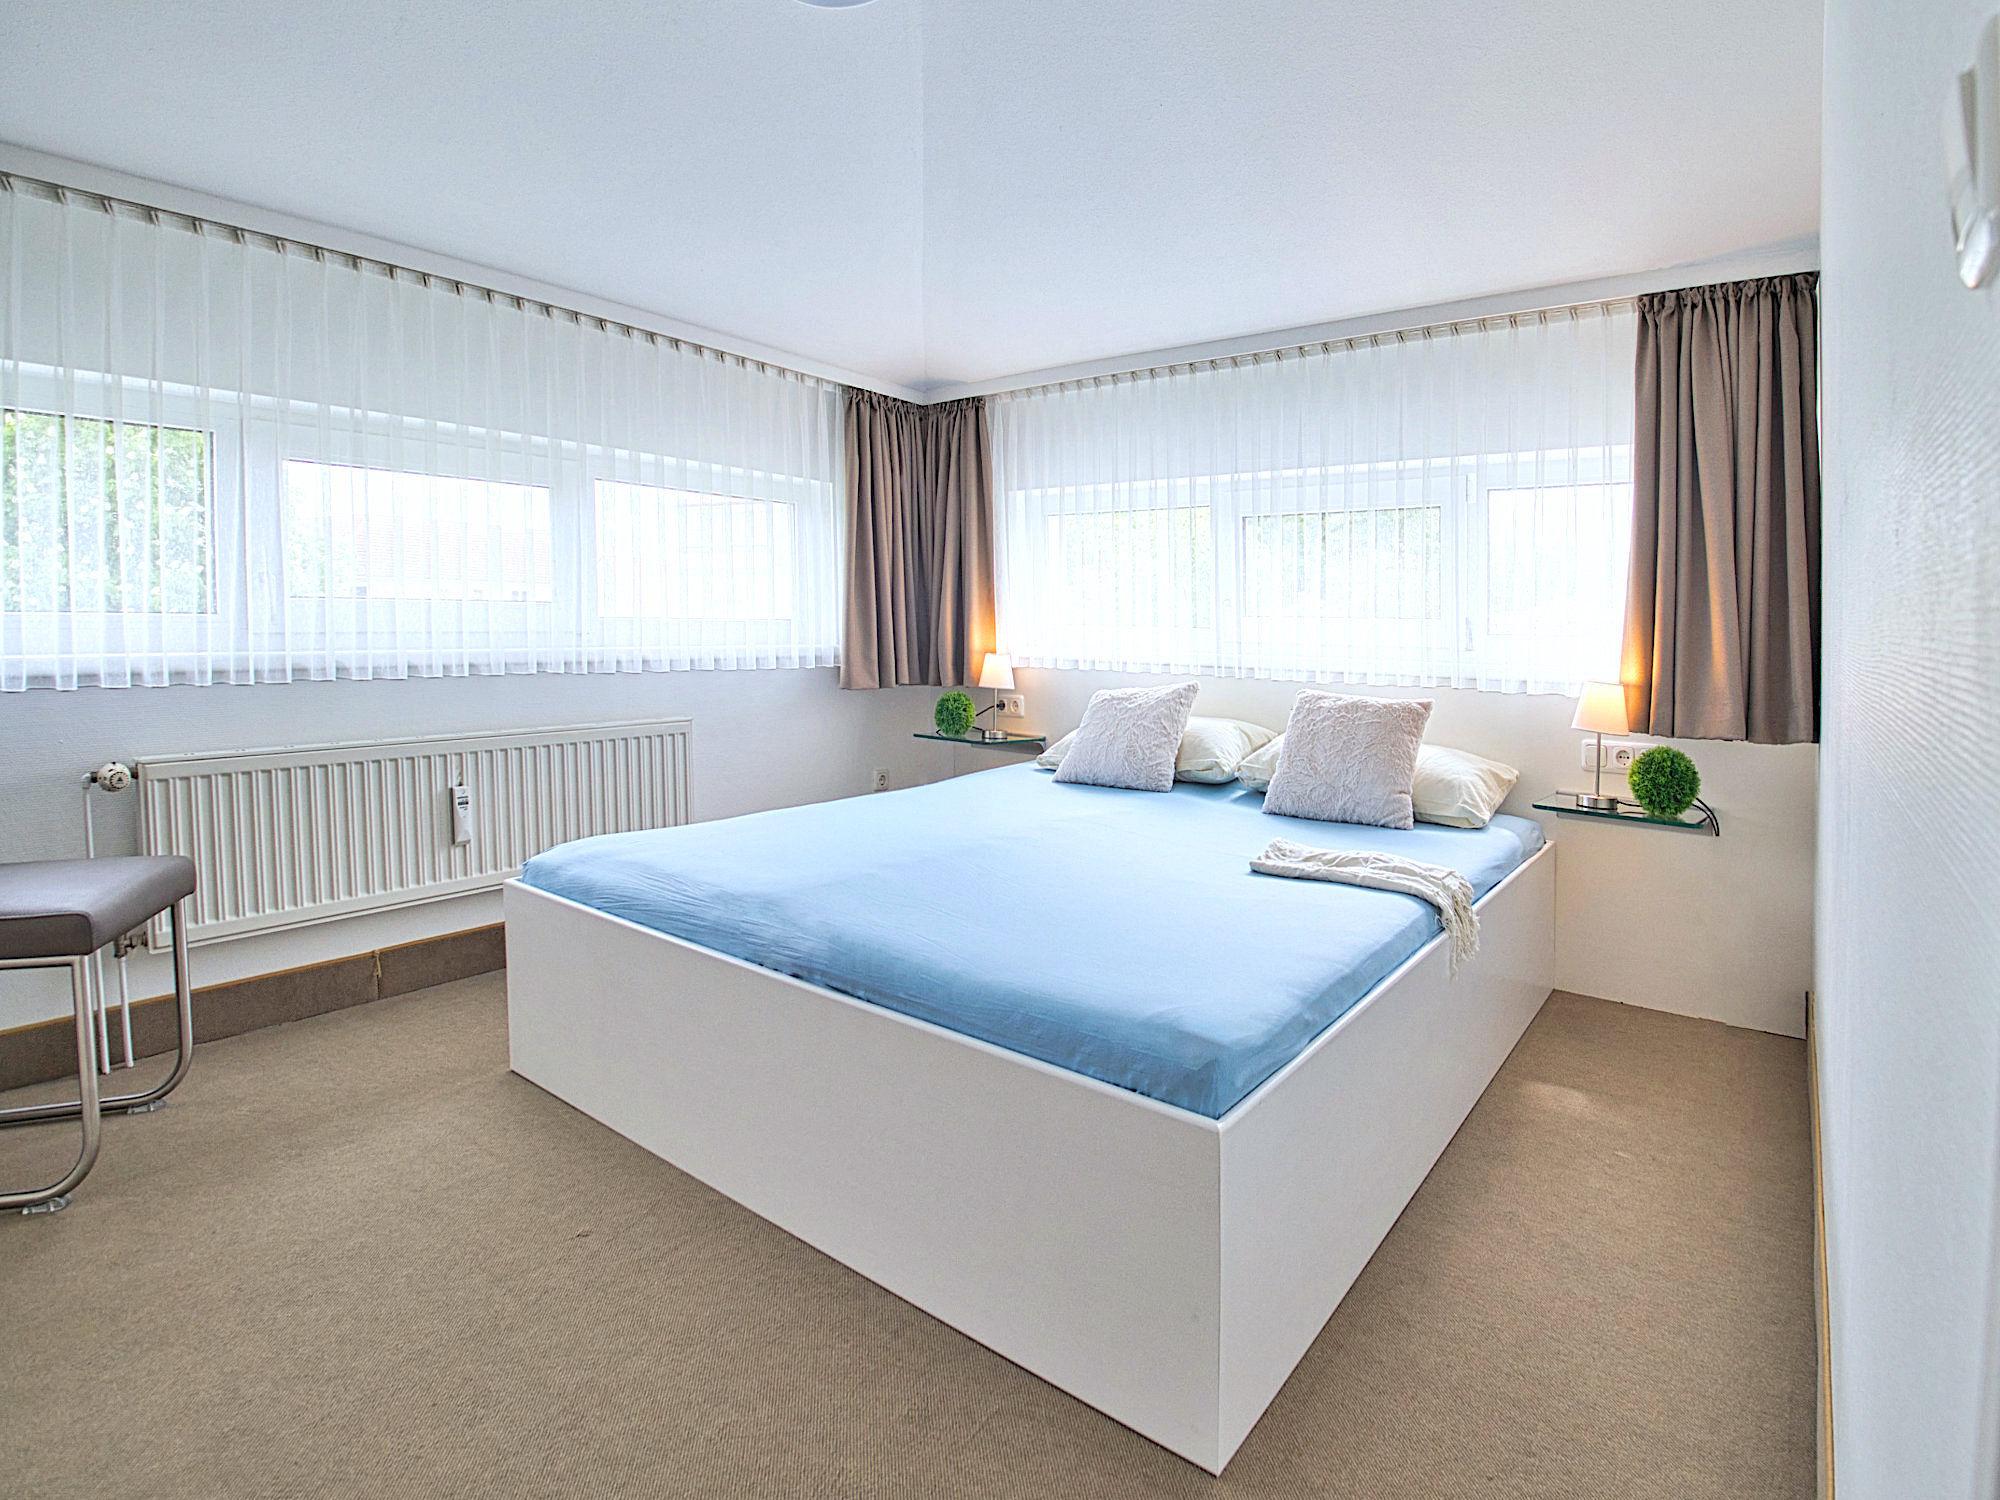 Zweites Schlafzimmer mit Doppelbett, große Fenster an zwei Wänden dahinter